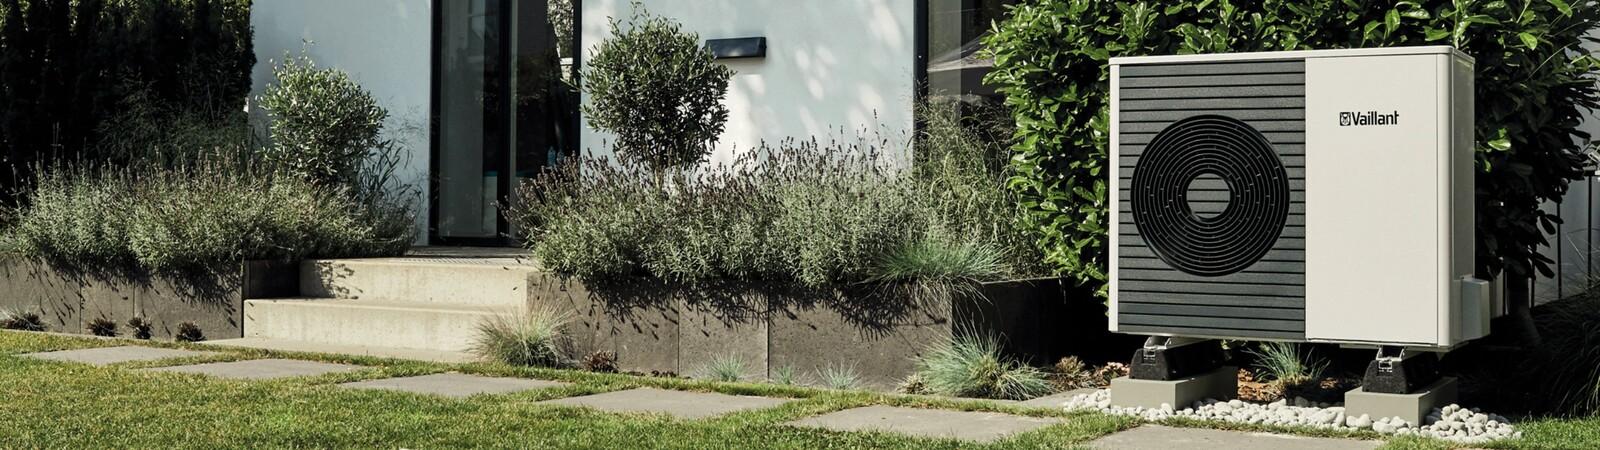 aroTHERM split en el exterior de una vivienda